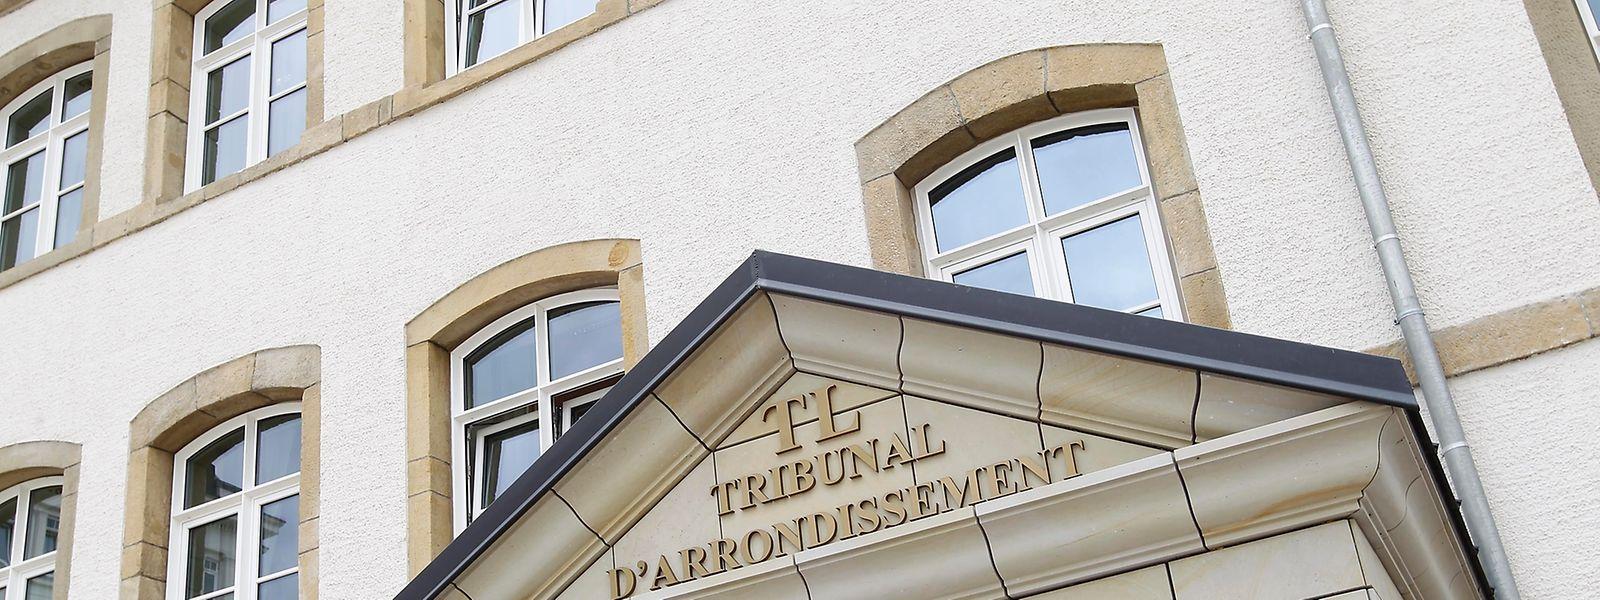 20.06.2012 Cite judiciaire, Centre de Mediation